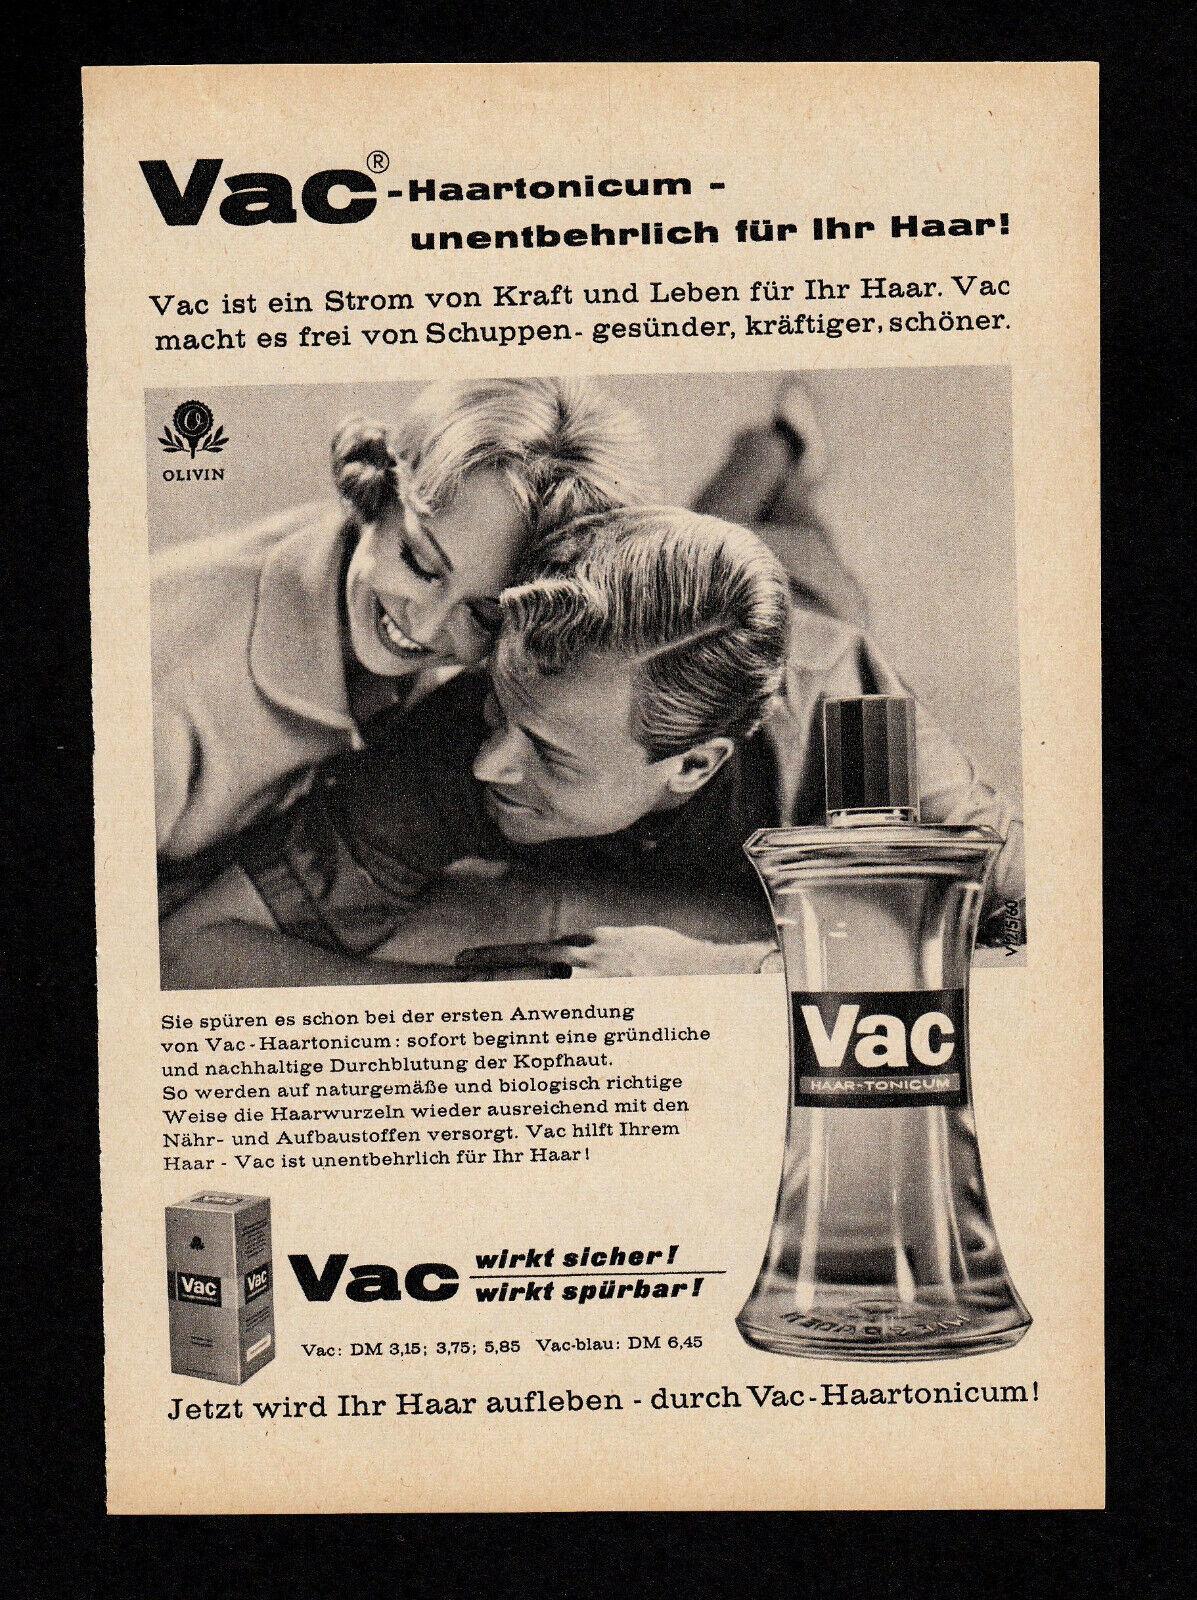 3w4591/ Alte Reklame von 1960 – VAC Haartonicum – unentbehrlich für Ihr Haar.